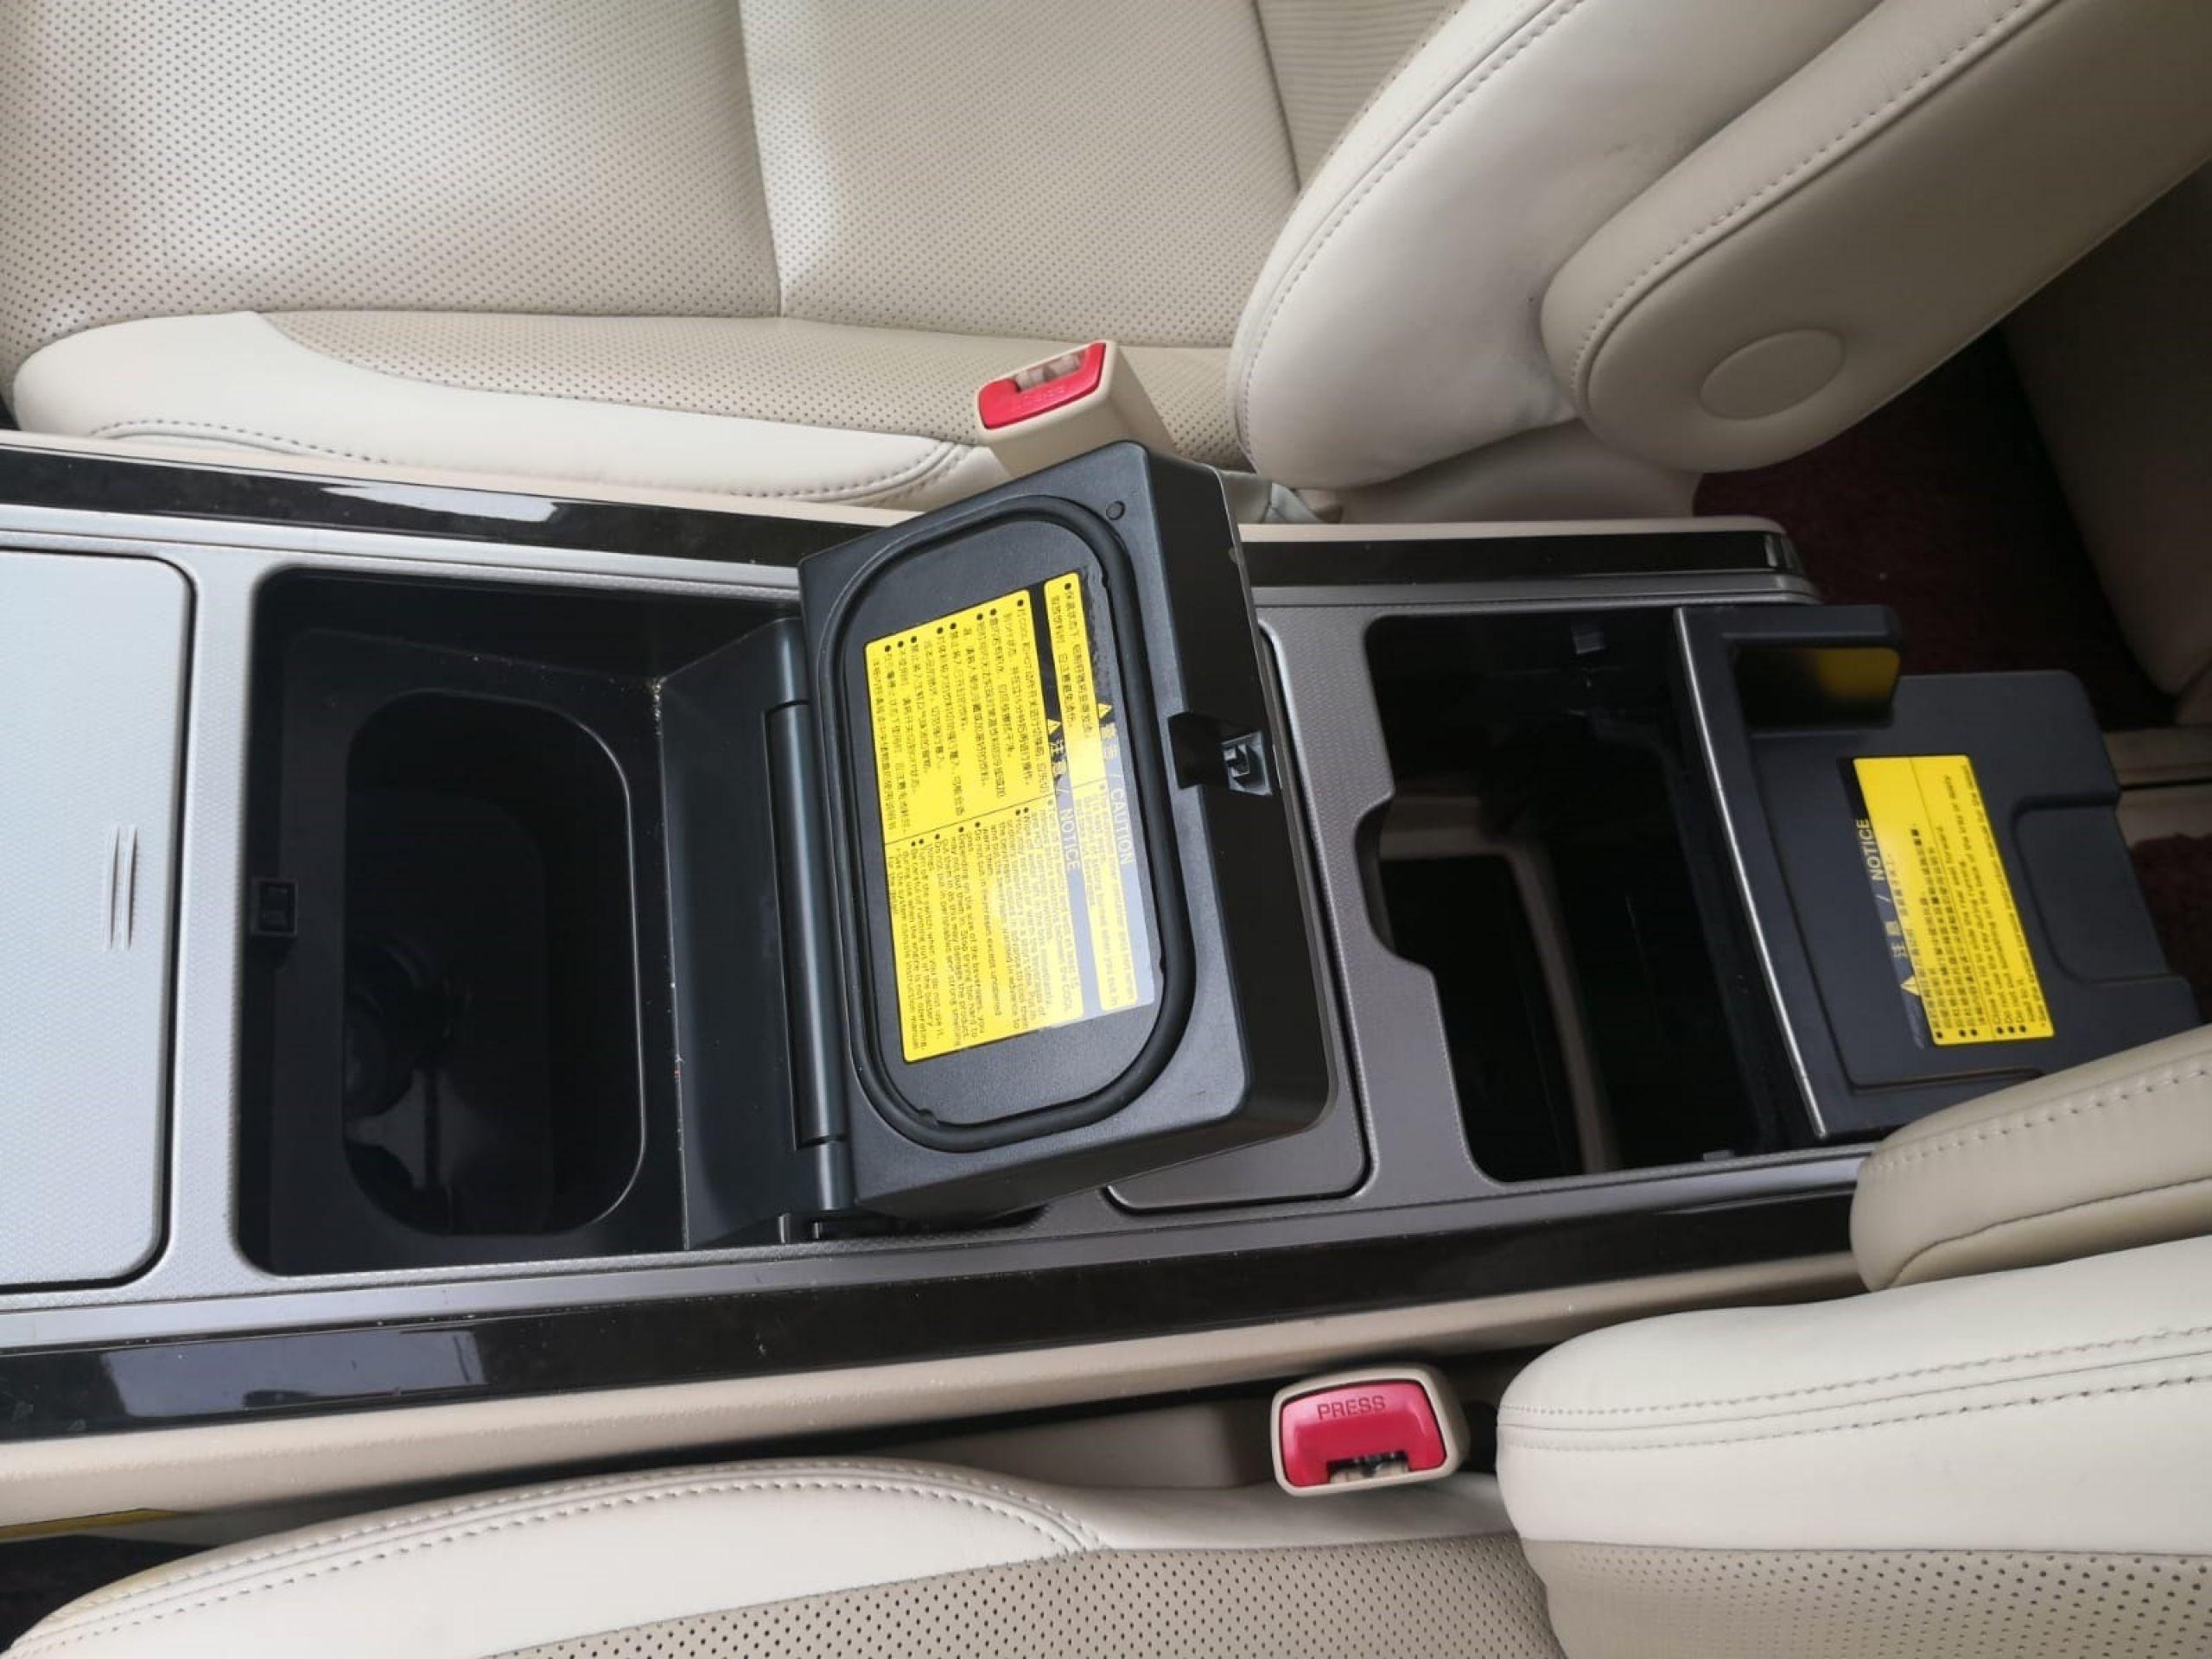 2013 Toyota Alphard First Class